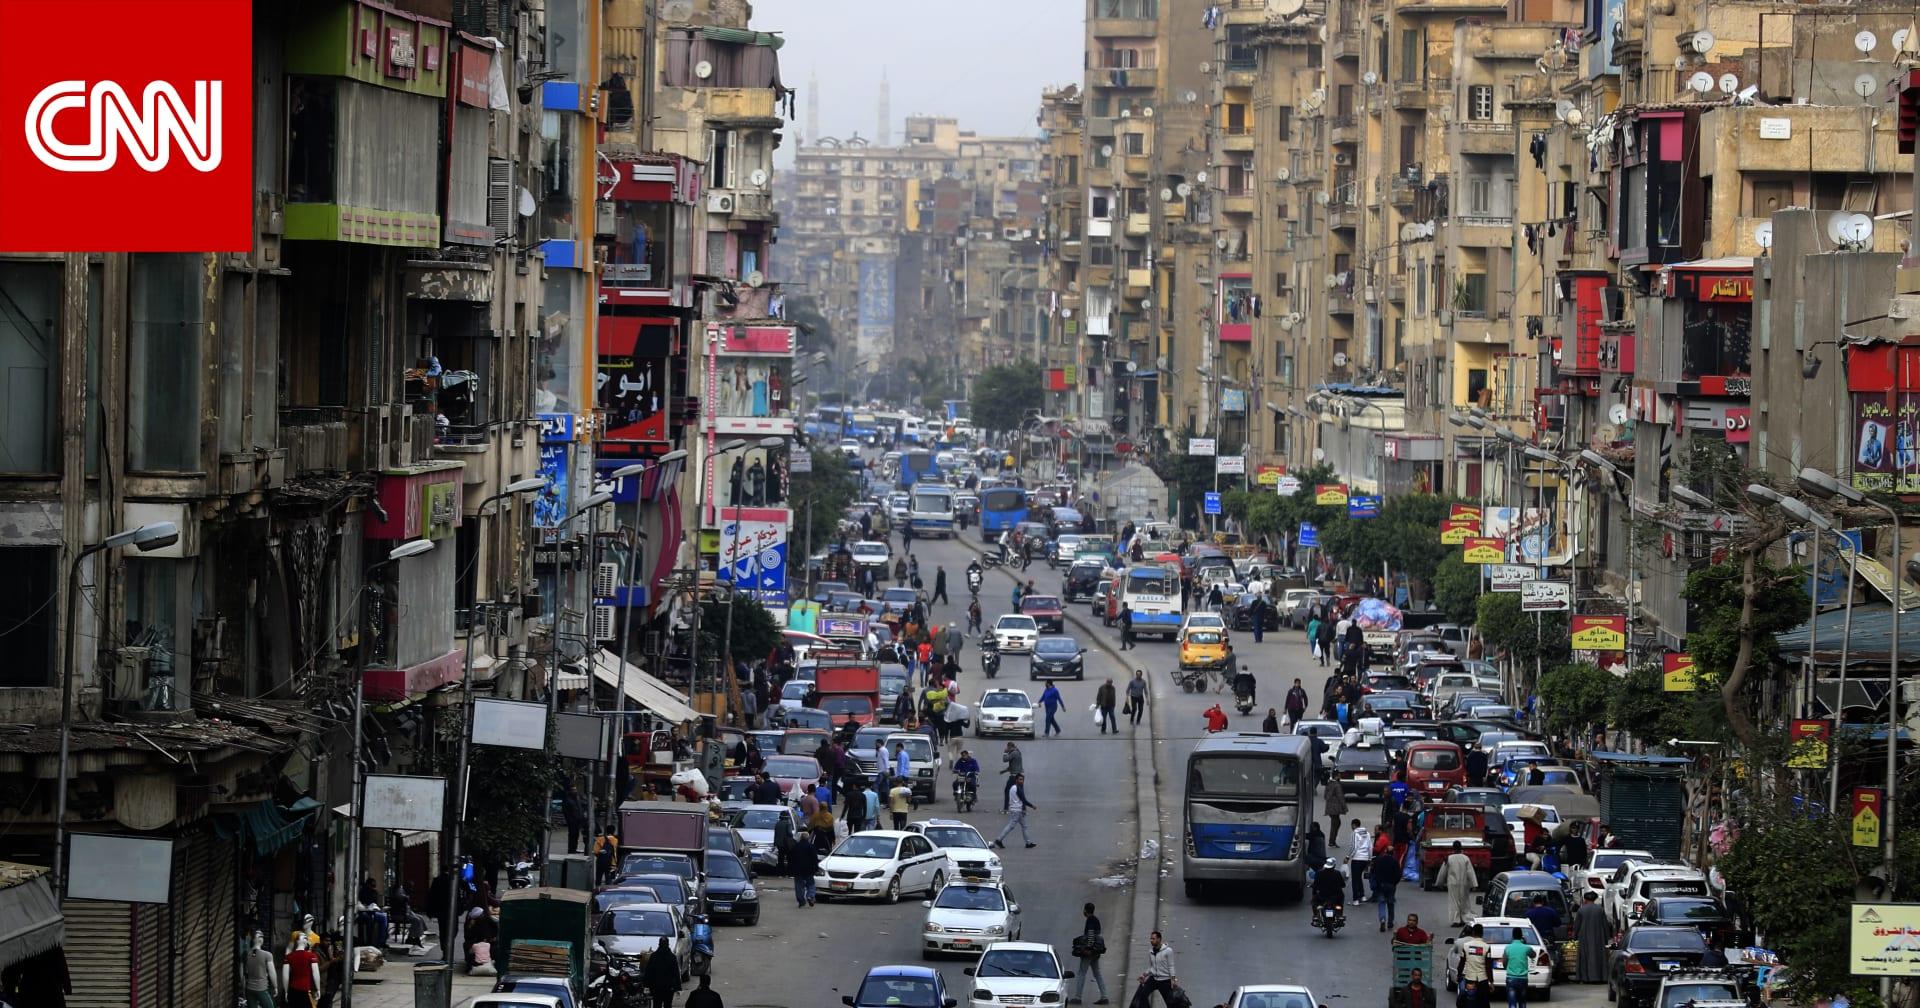 مصر: إحالة نجل رجل الأعمال كامل أبو علي إلى محكمة الجنايات بعد مقتل مهندسة شابة